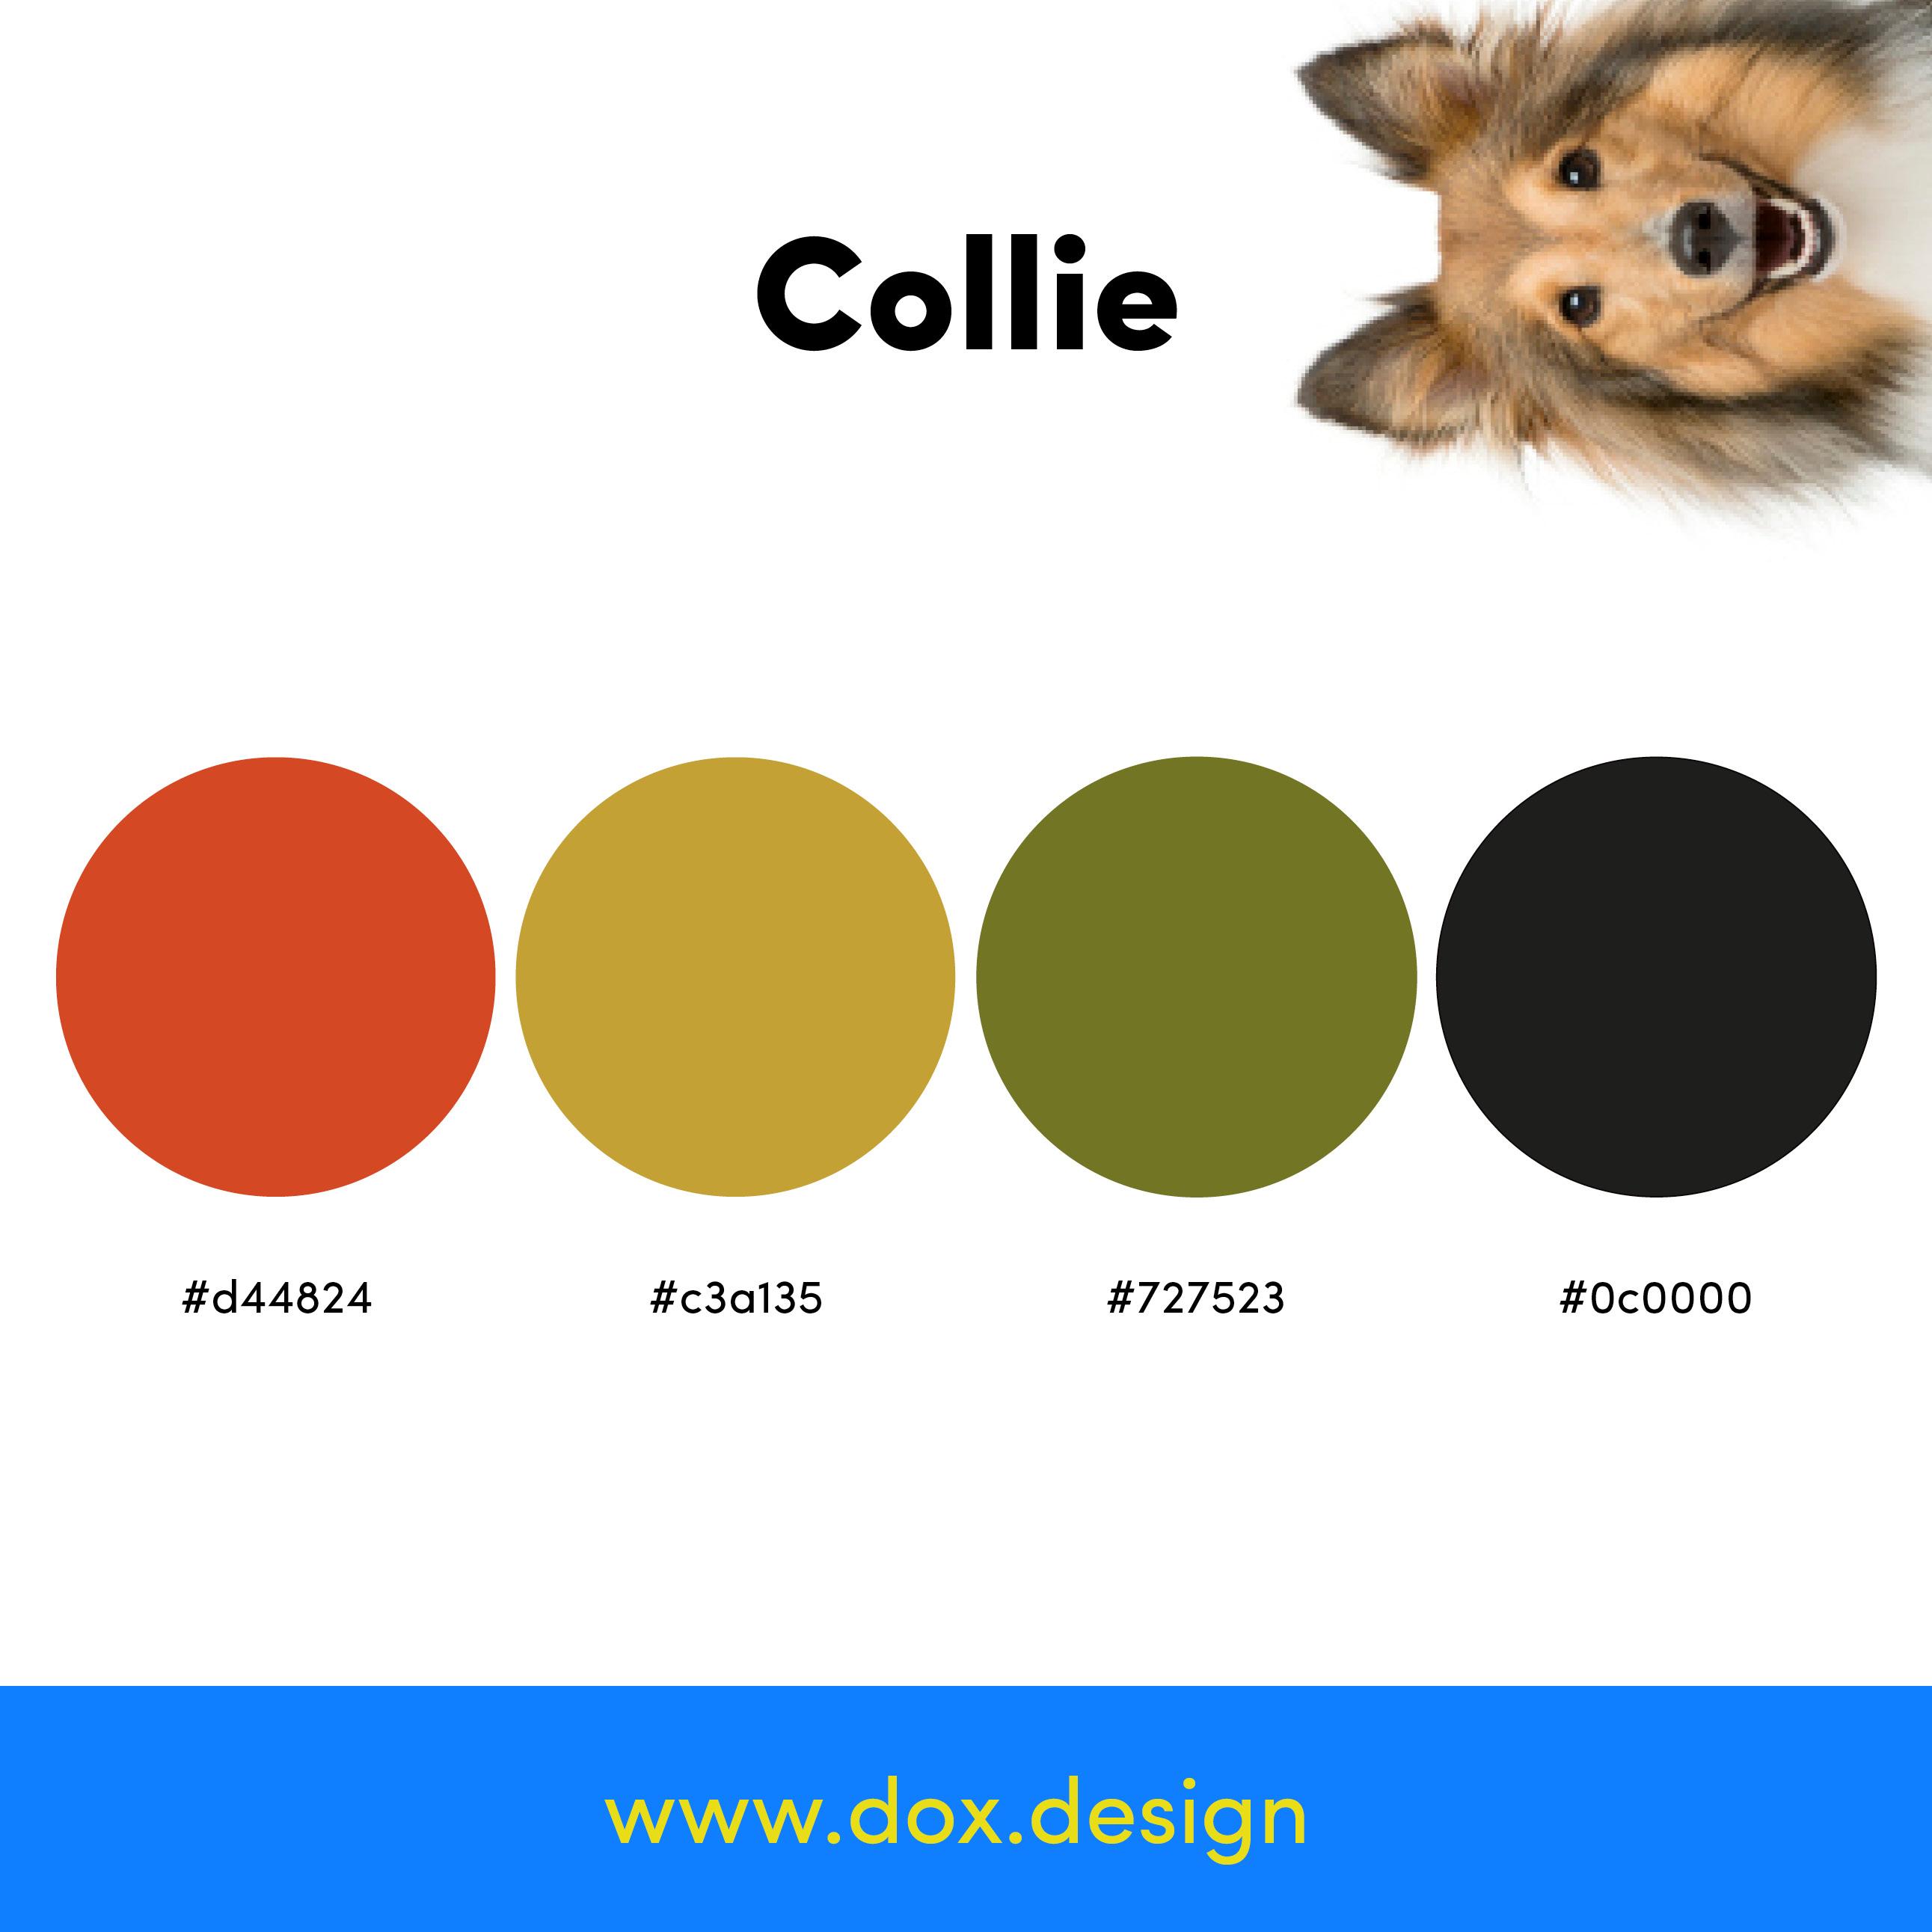 Collie color palette